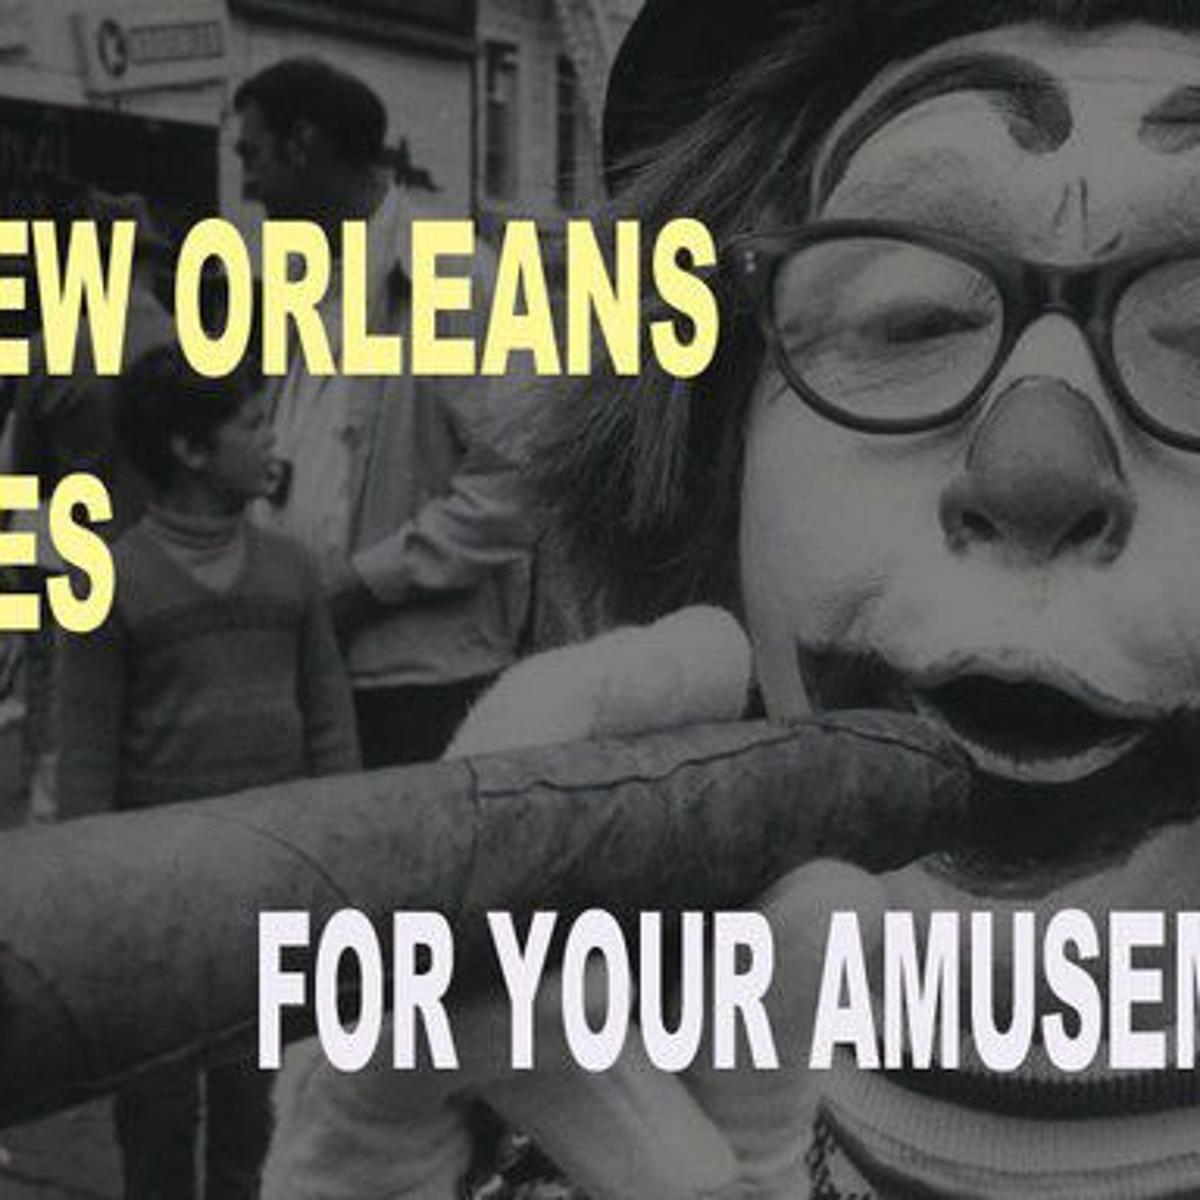 30 New Orleans memes for your amusement | Arts | nola com